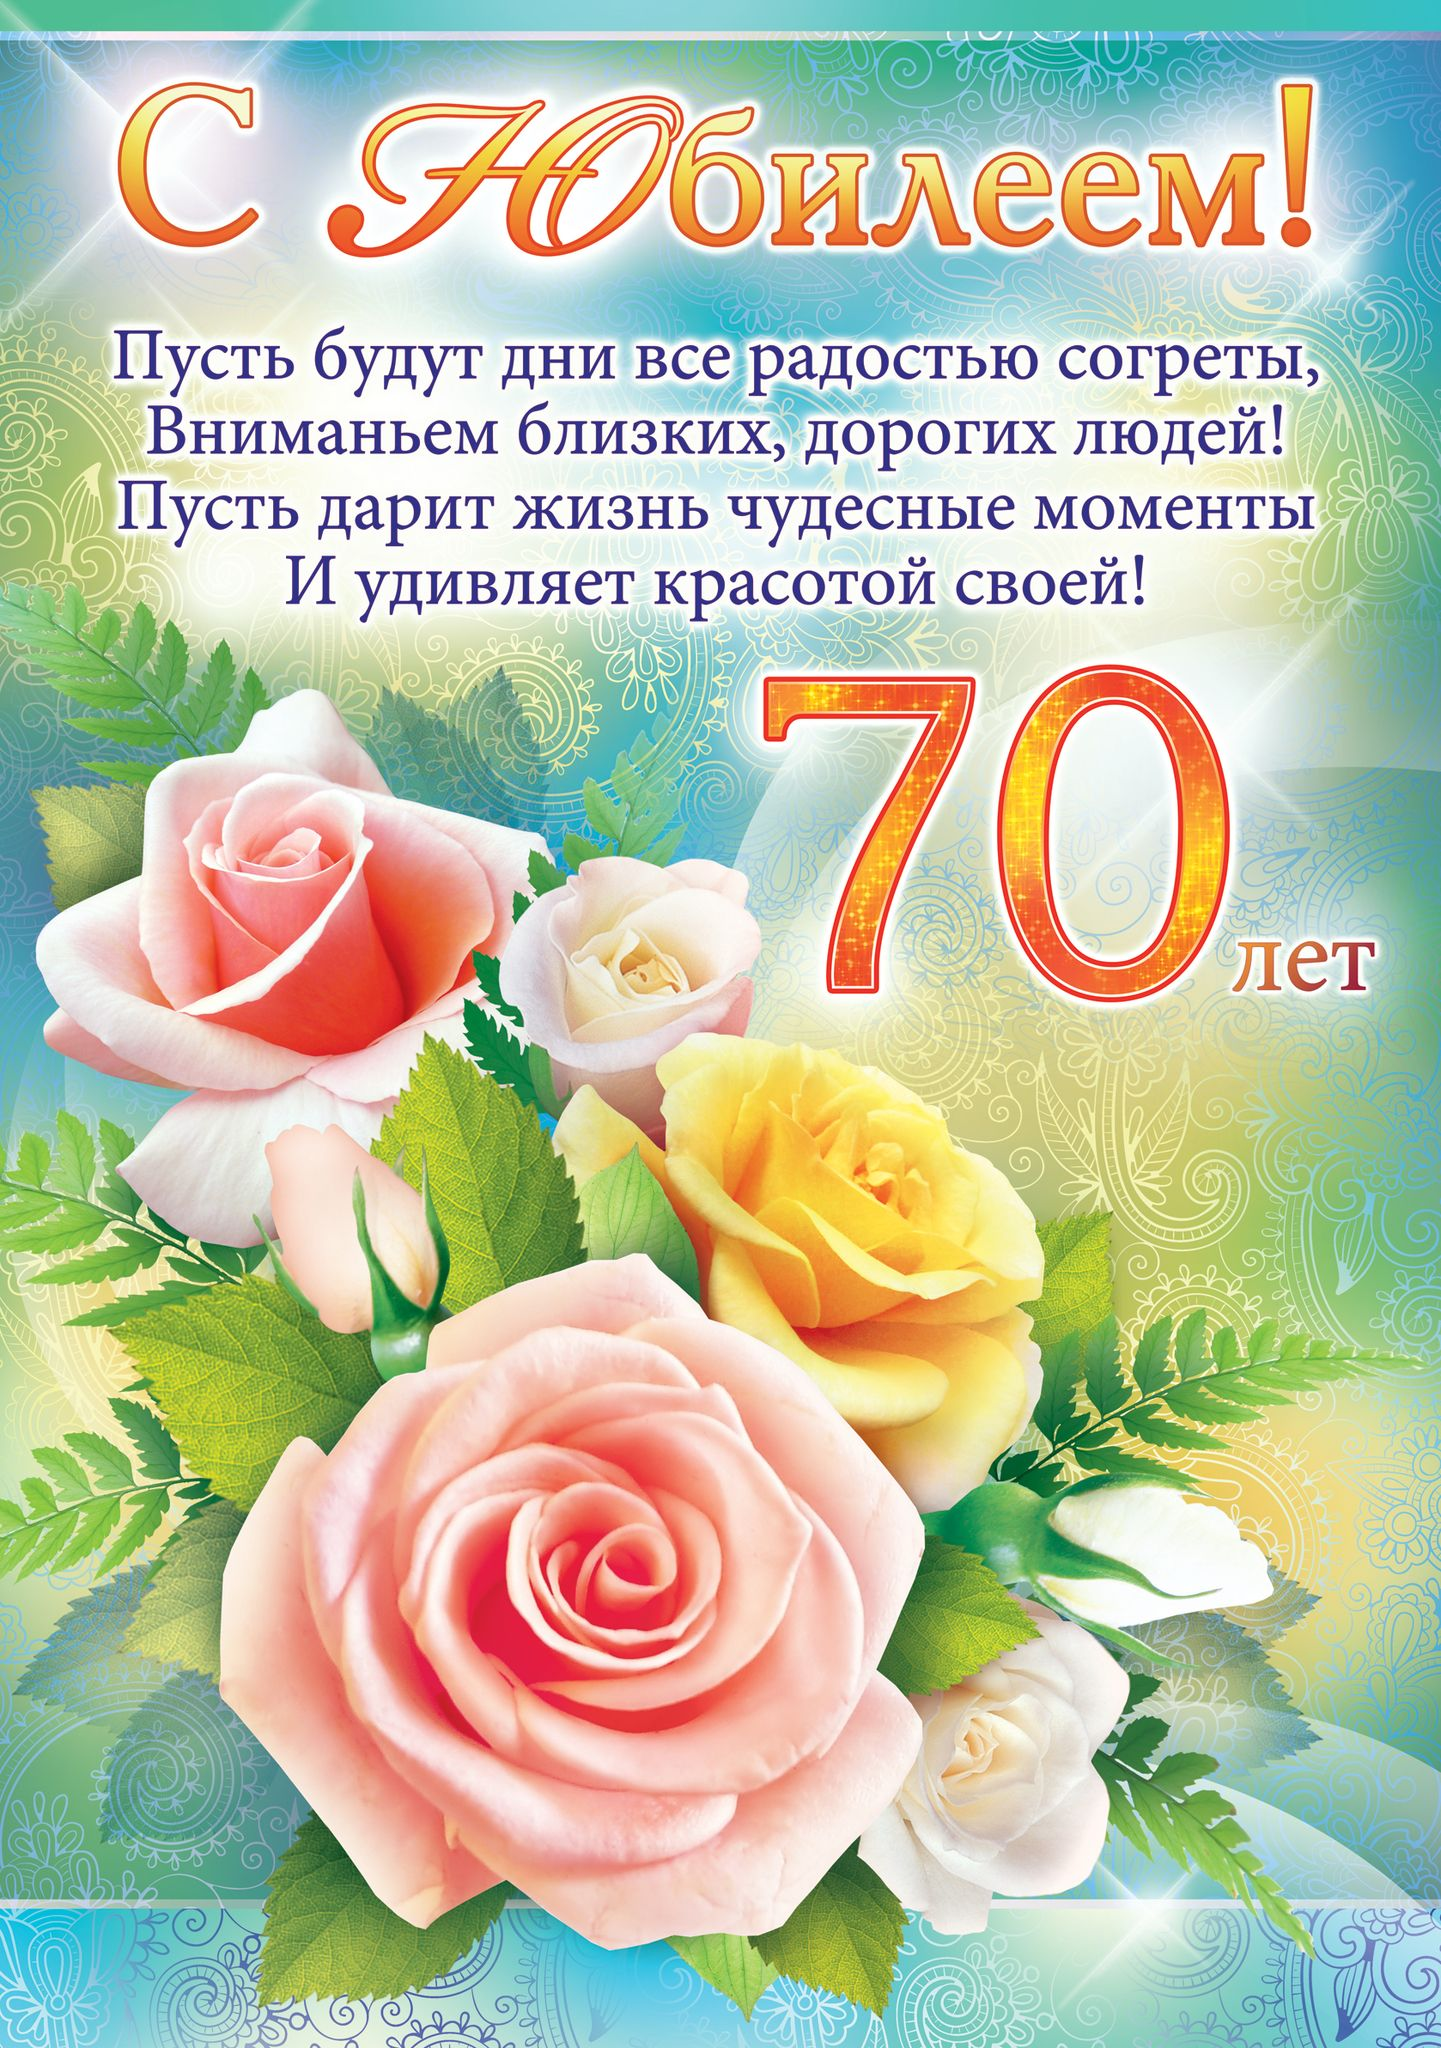 Поздравления для мужчины 70 лет